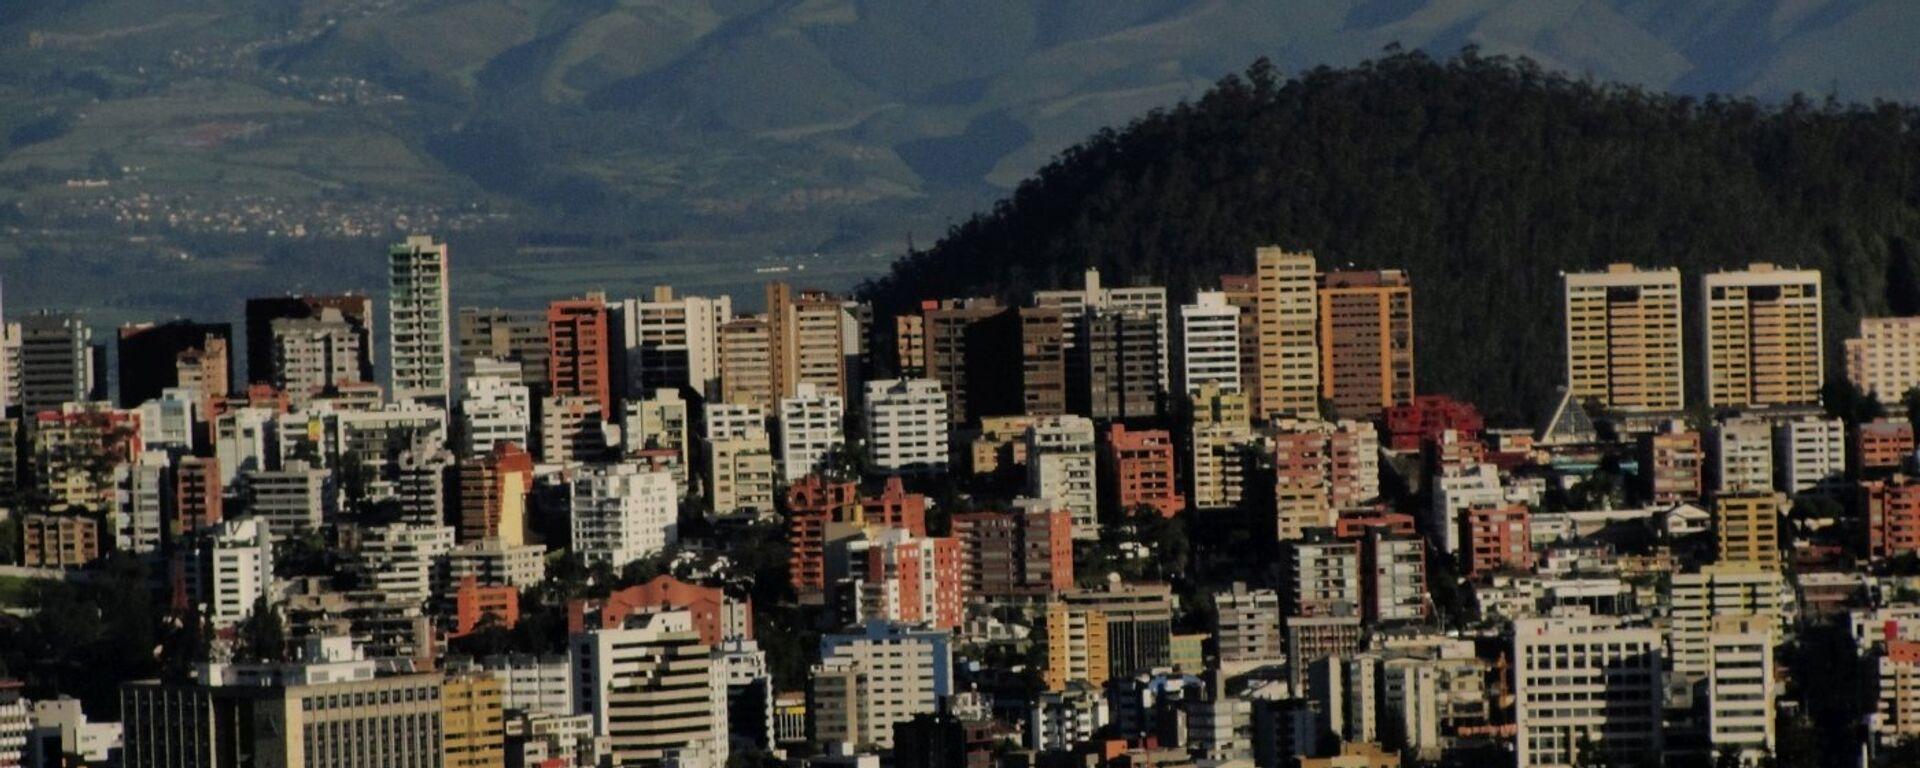 Quito, la capital de Ecuador - Sputnik Mundo, 1920, 22.09.2021